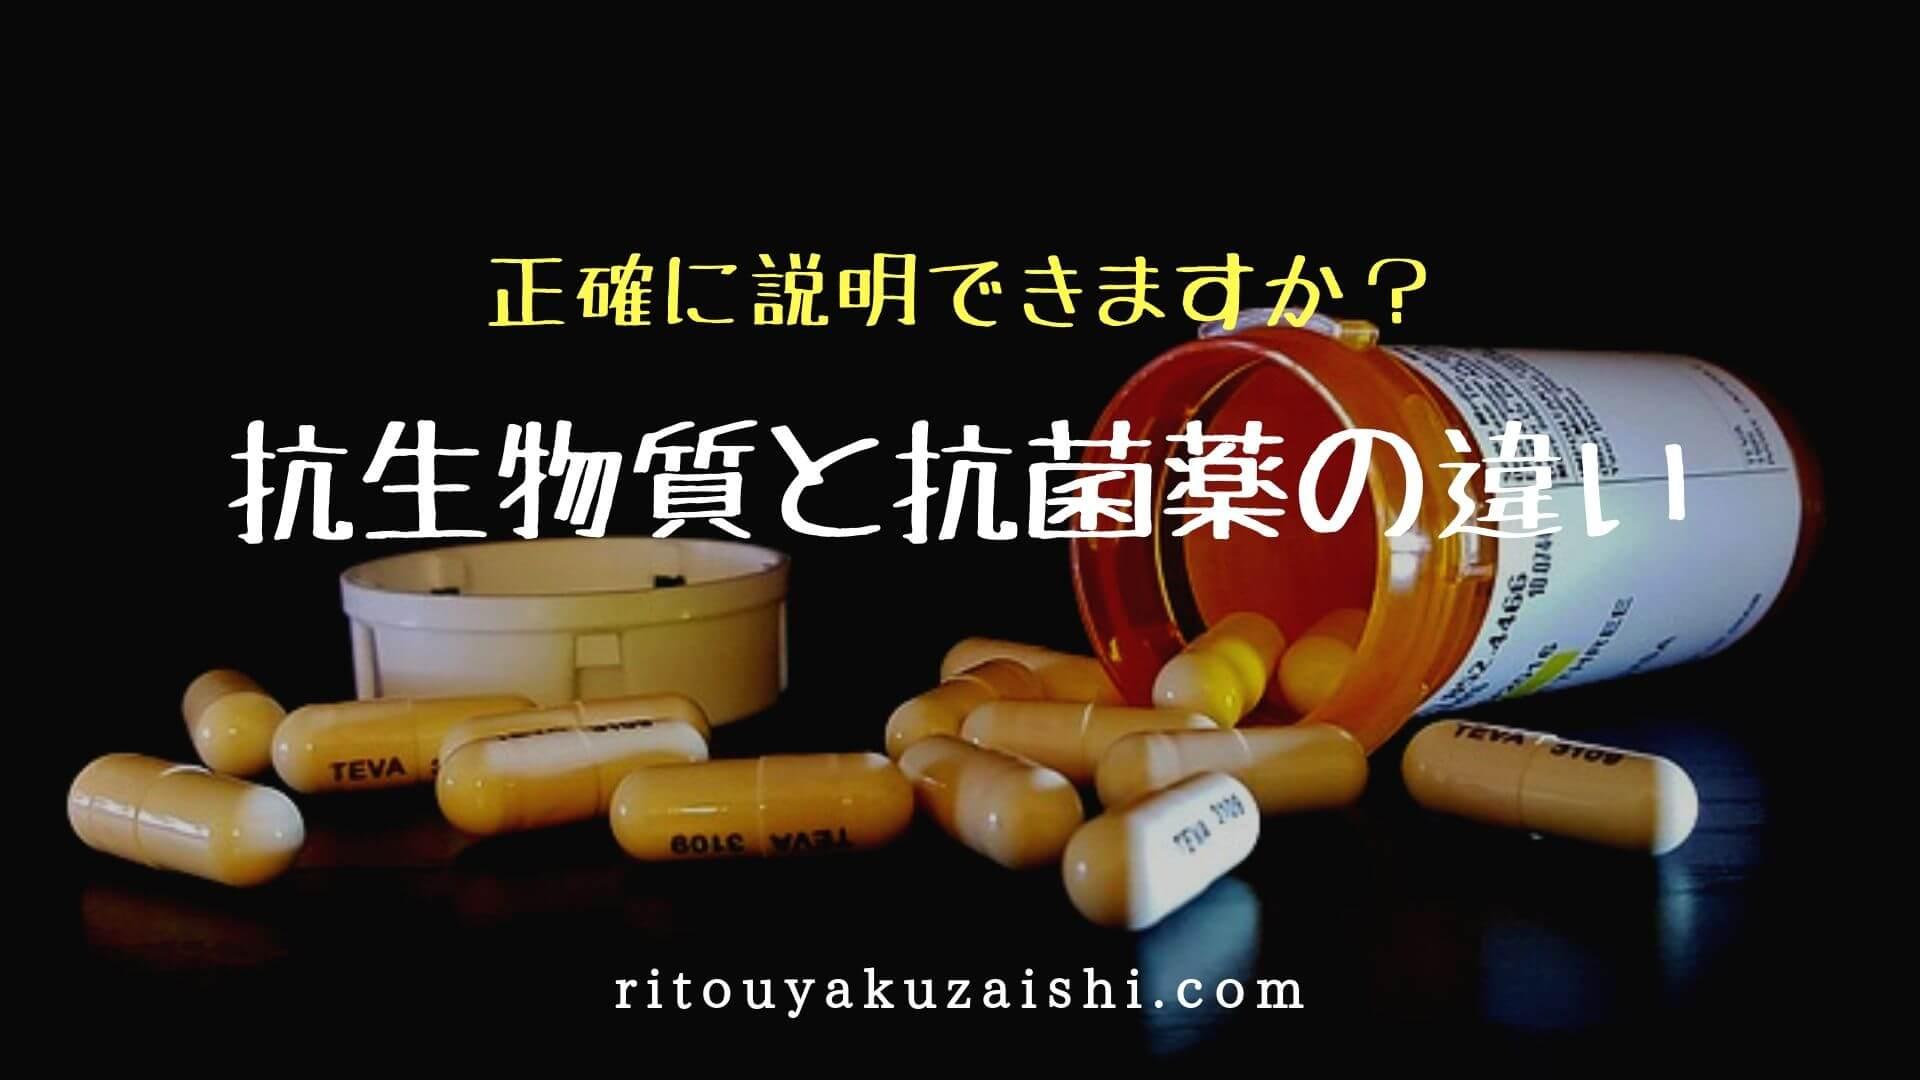 物質 抗生